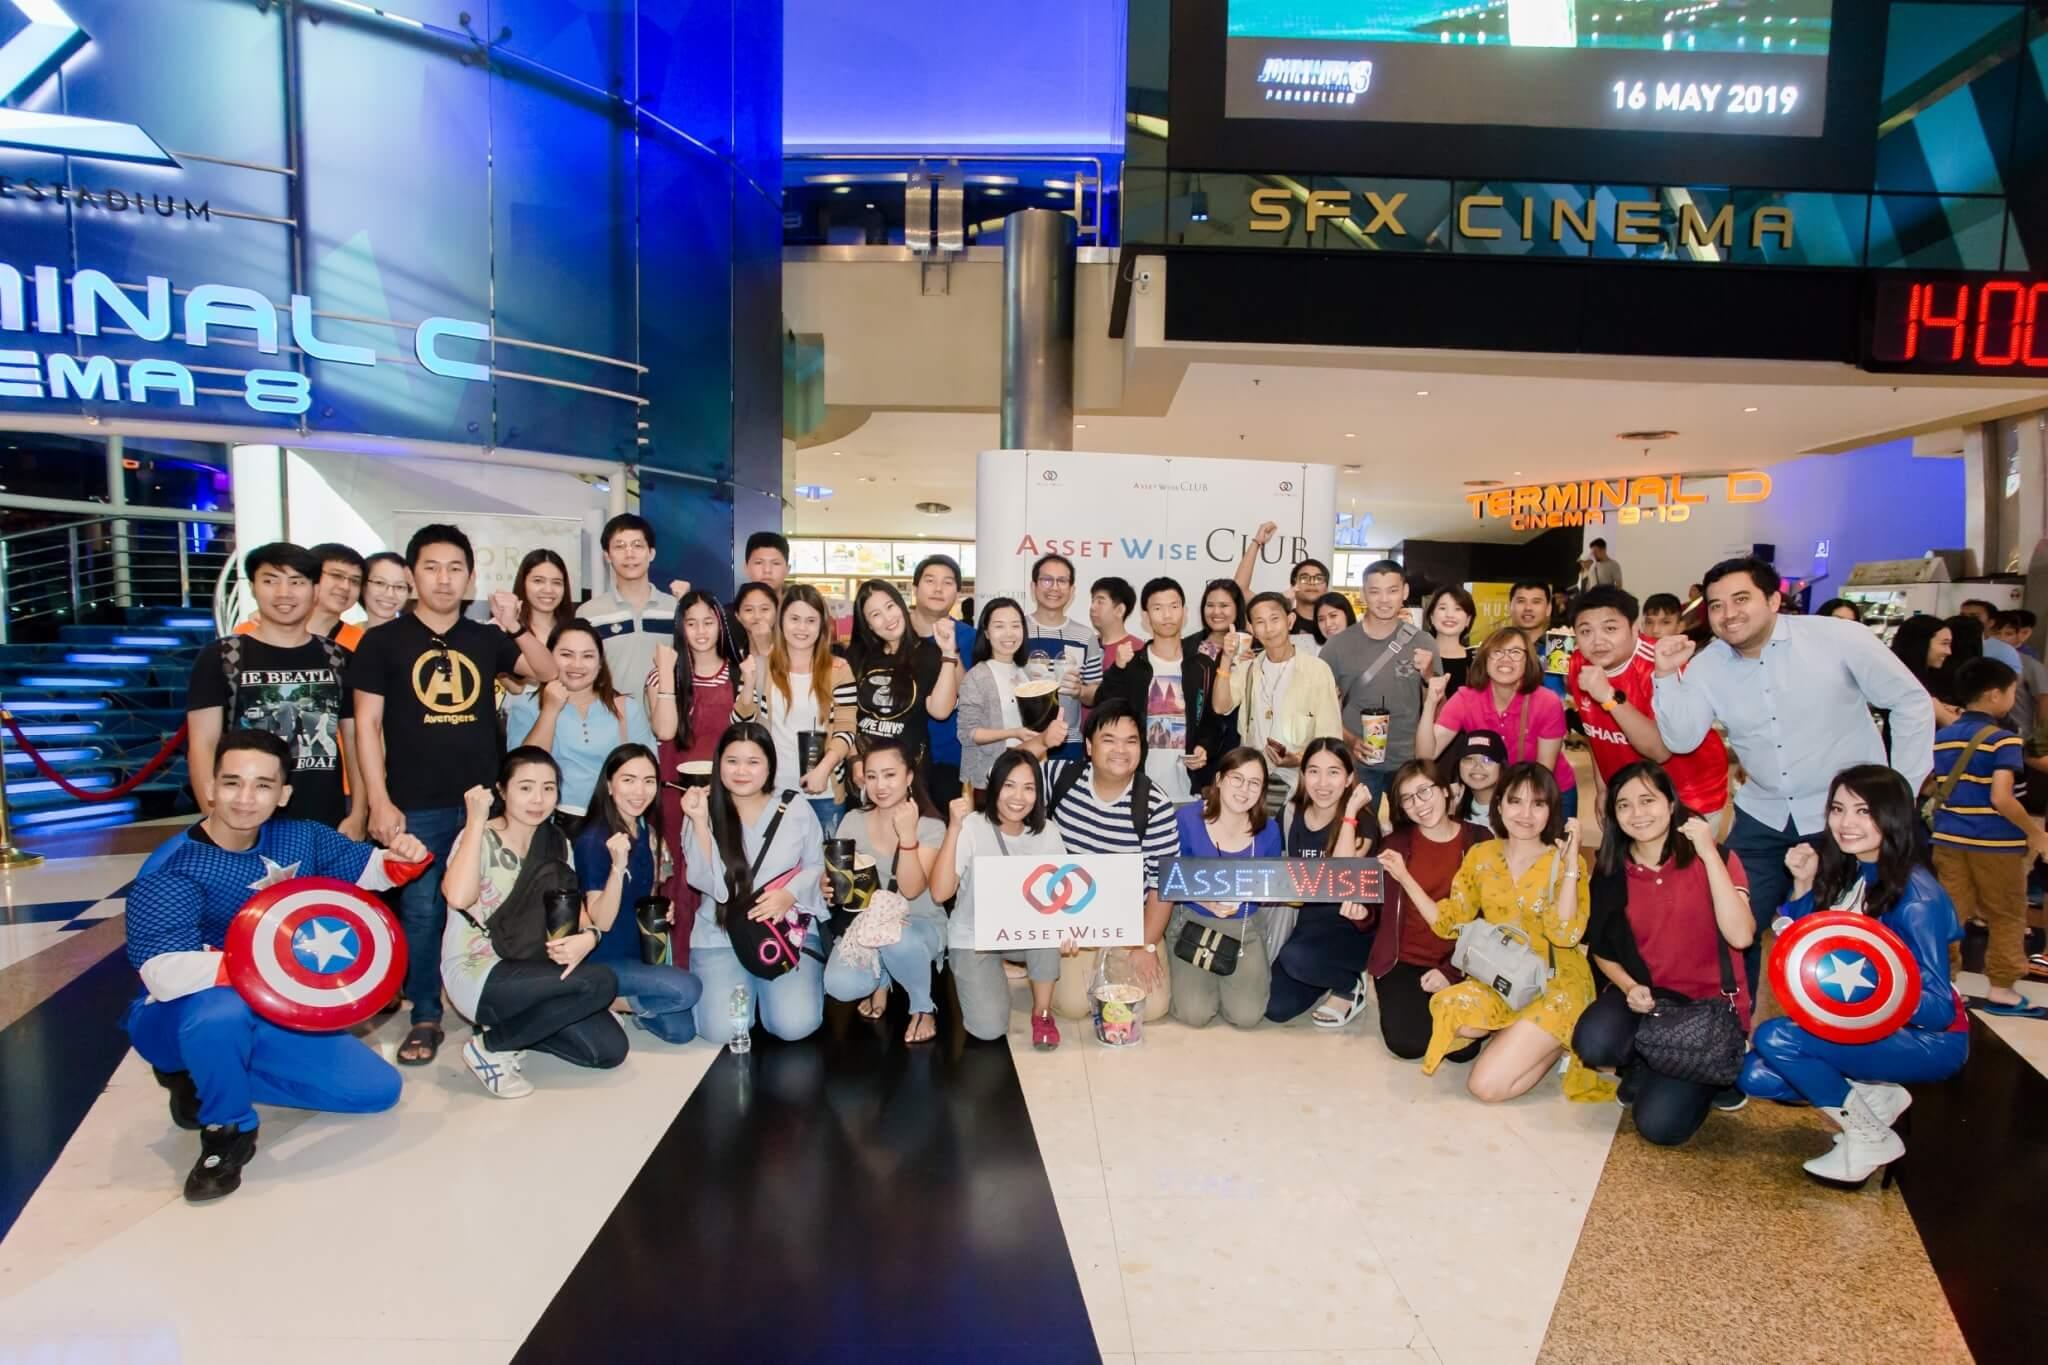 รวมภาพกิจกรรม Happy Movie Day ครั้งที่ 3 กับภาพยนตร์เรื่อง The Avenger Endgame